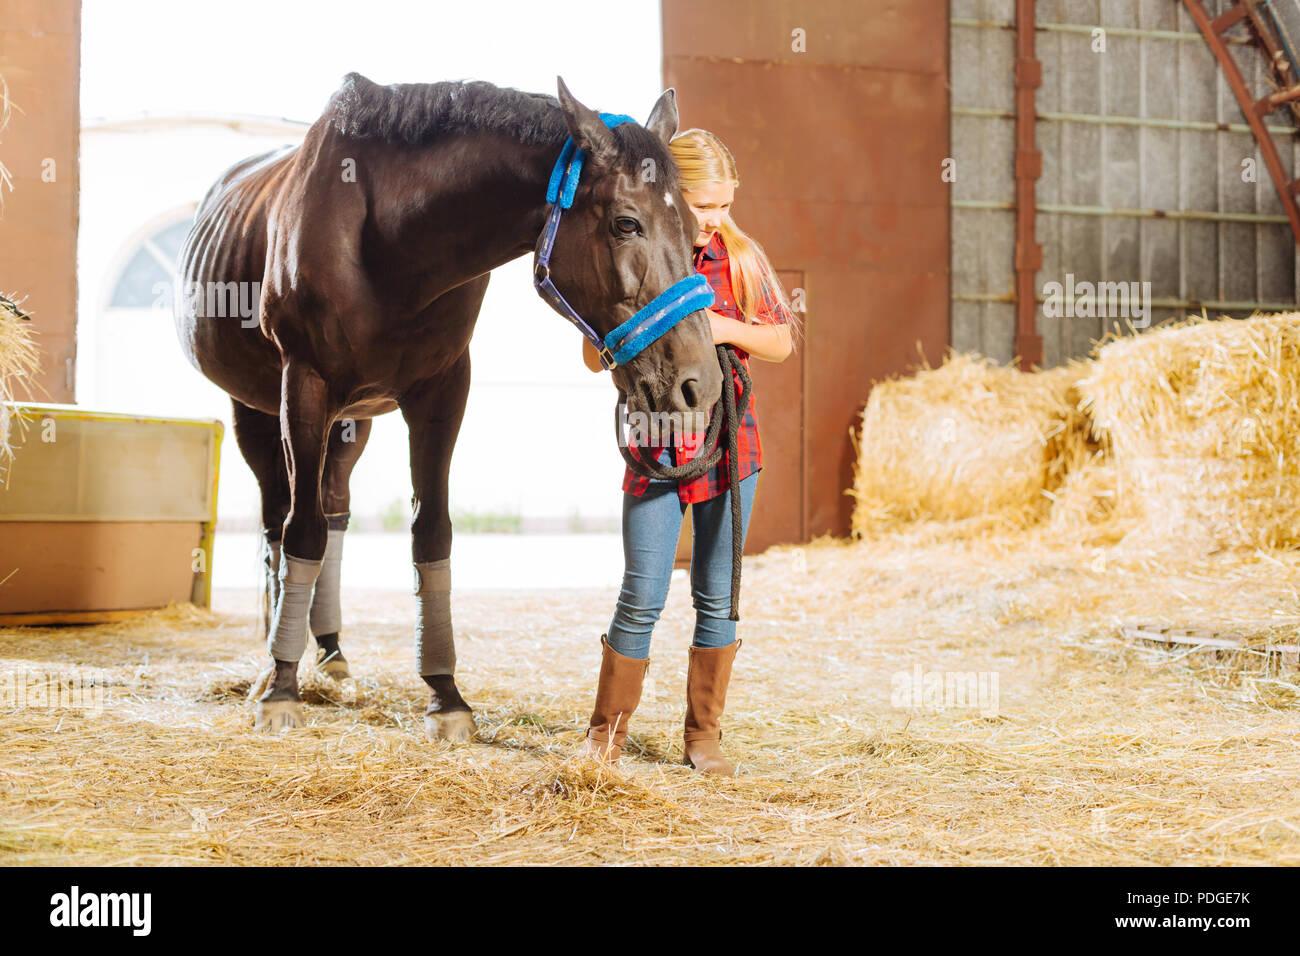 Lycéenne aux cheveux blonds et s'appuyant sur belle Dark Horse Photo Stock